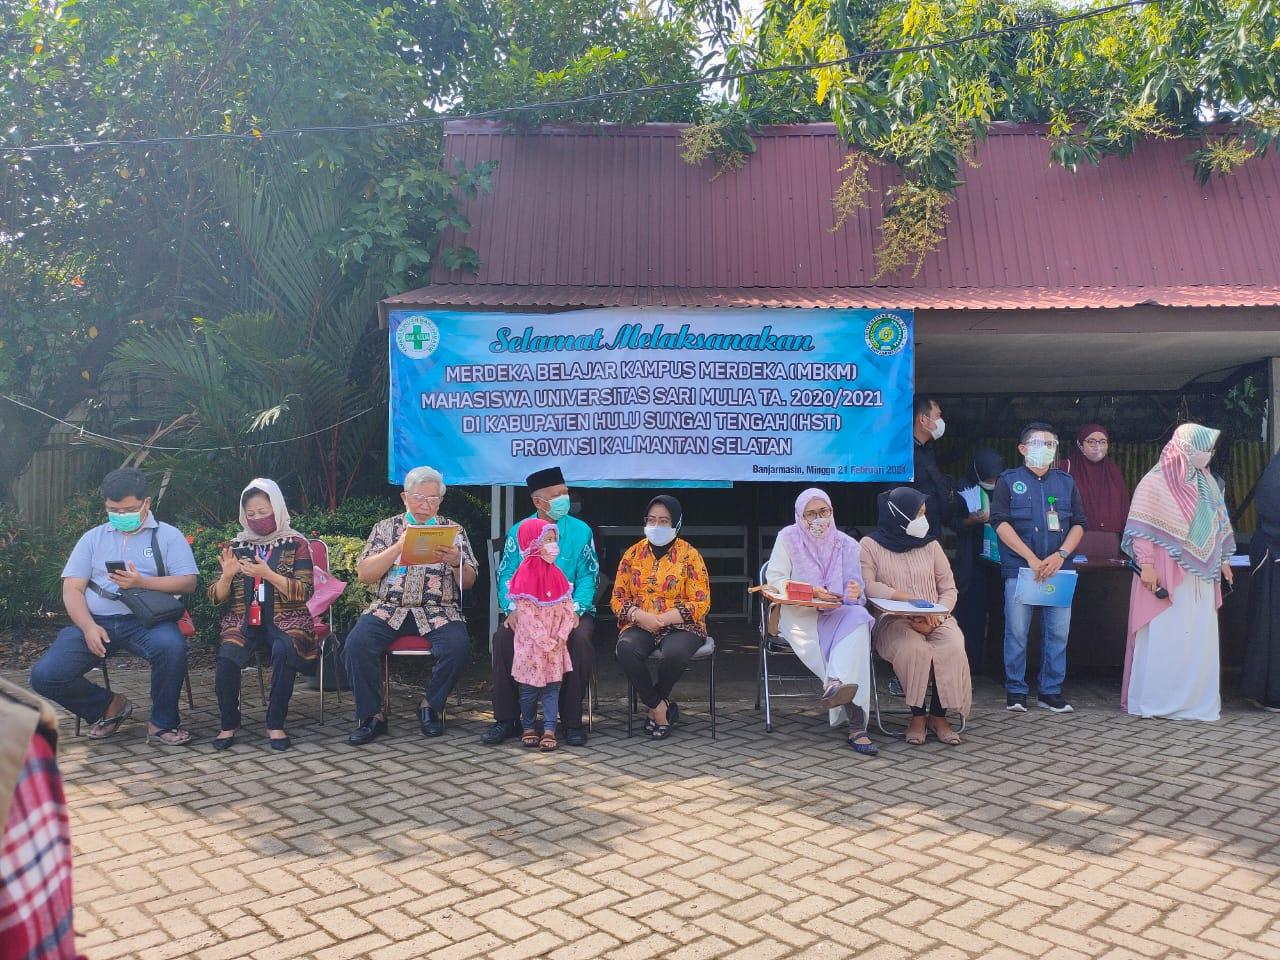 Keberangkatan Mahasiswa dan Dosen ke Kab. HST untuk implementasi MBKM